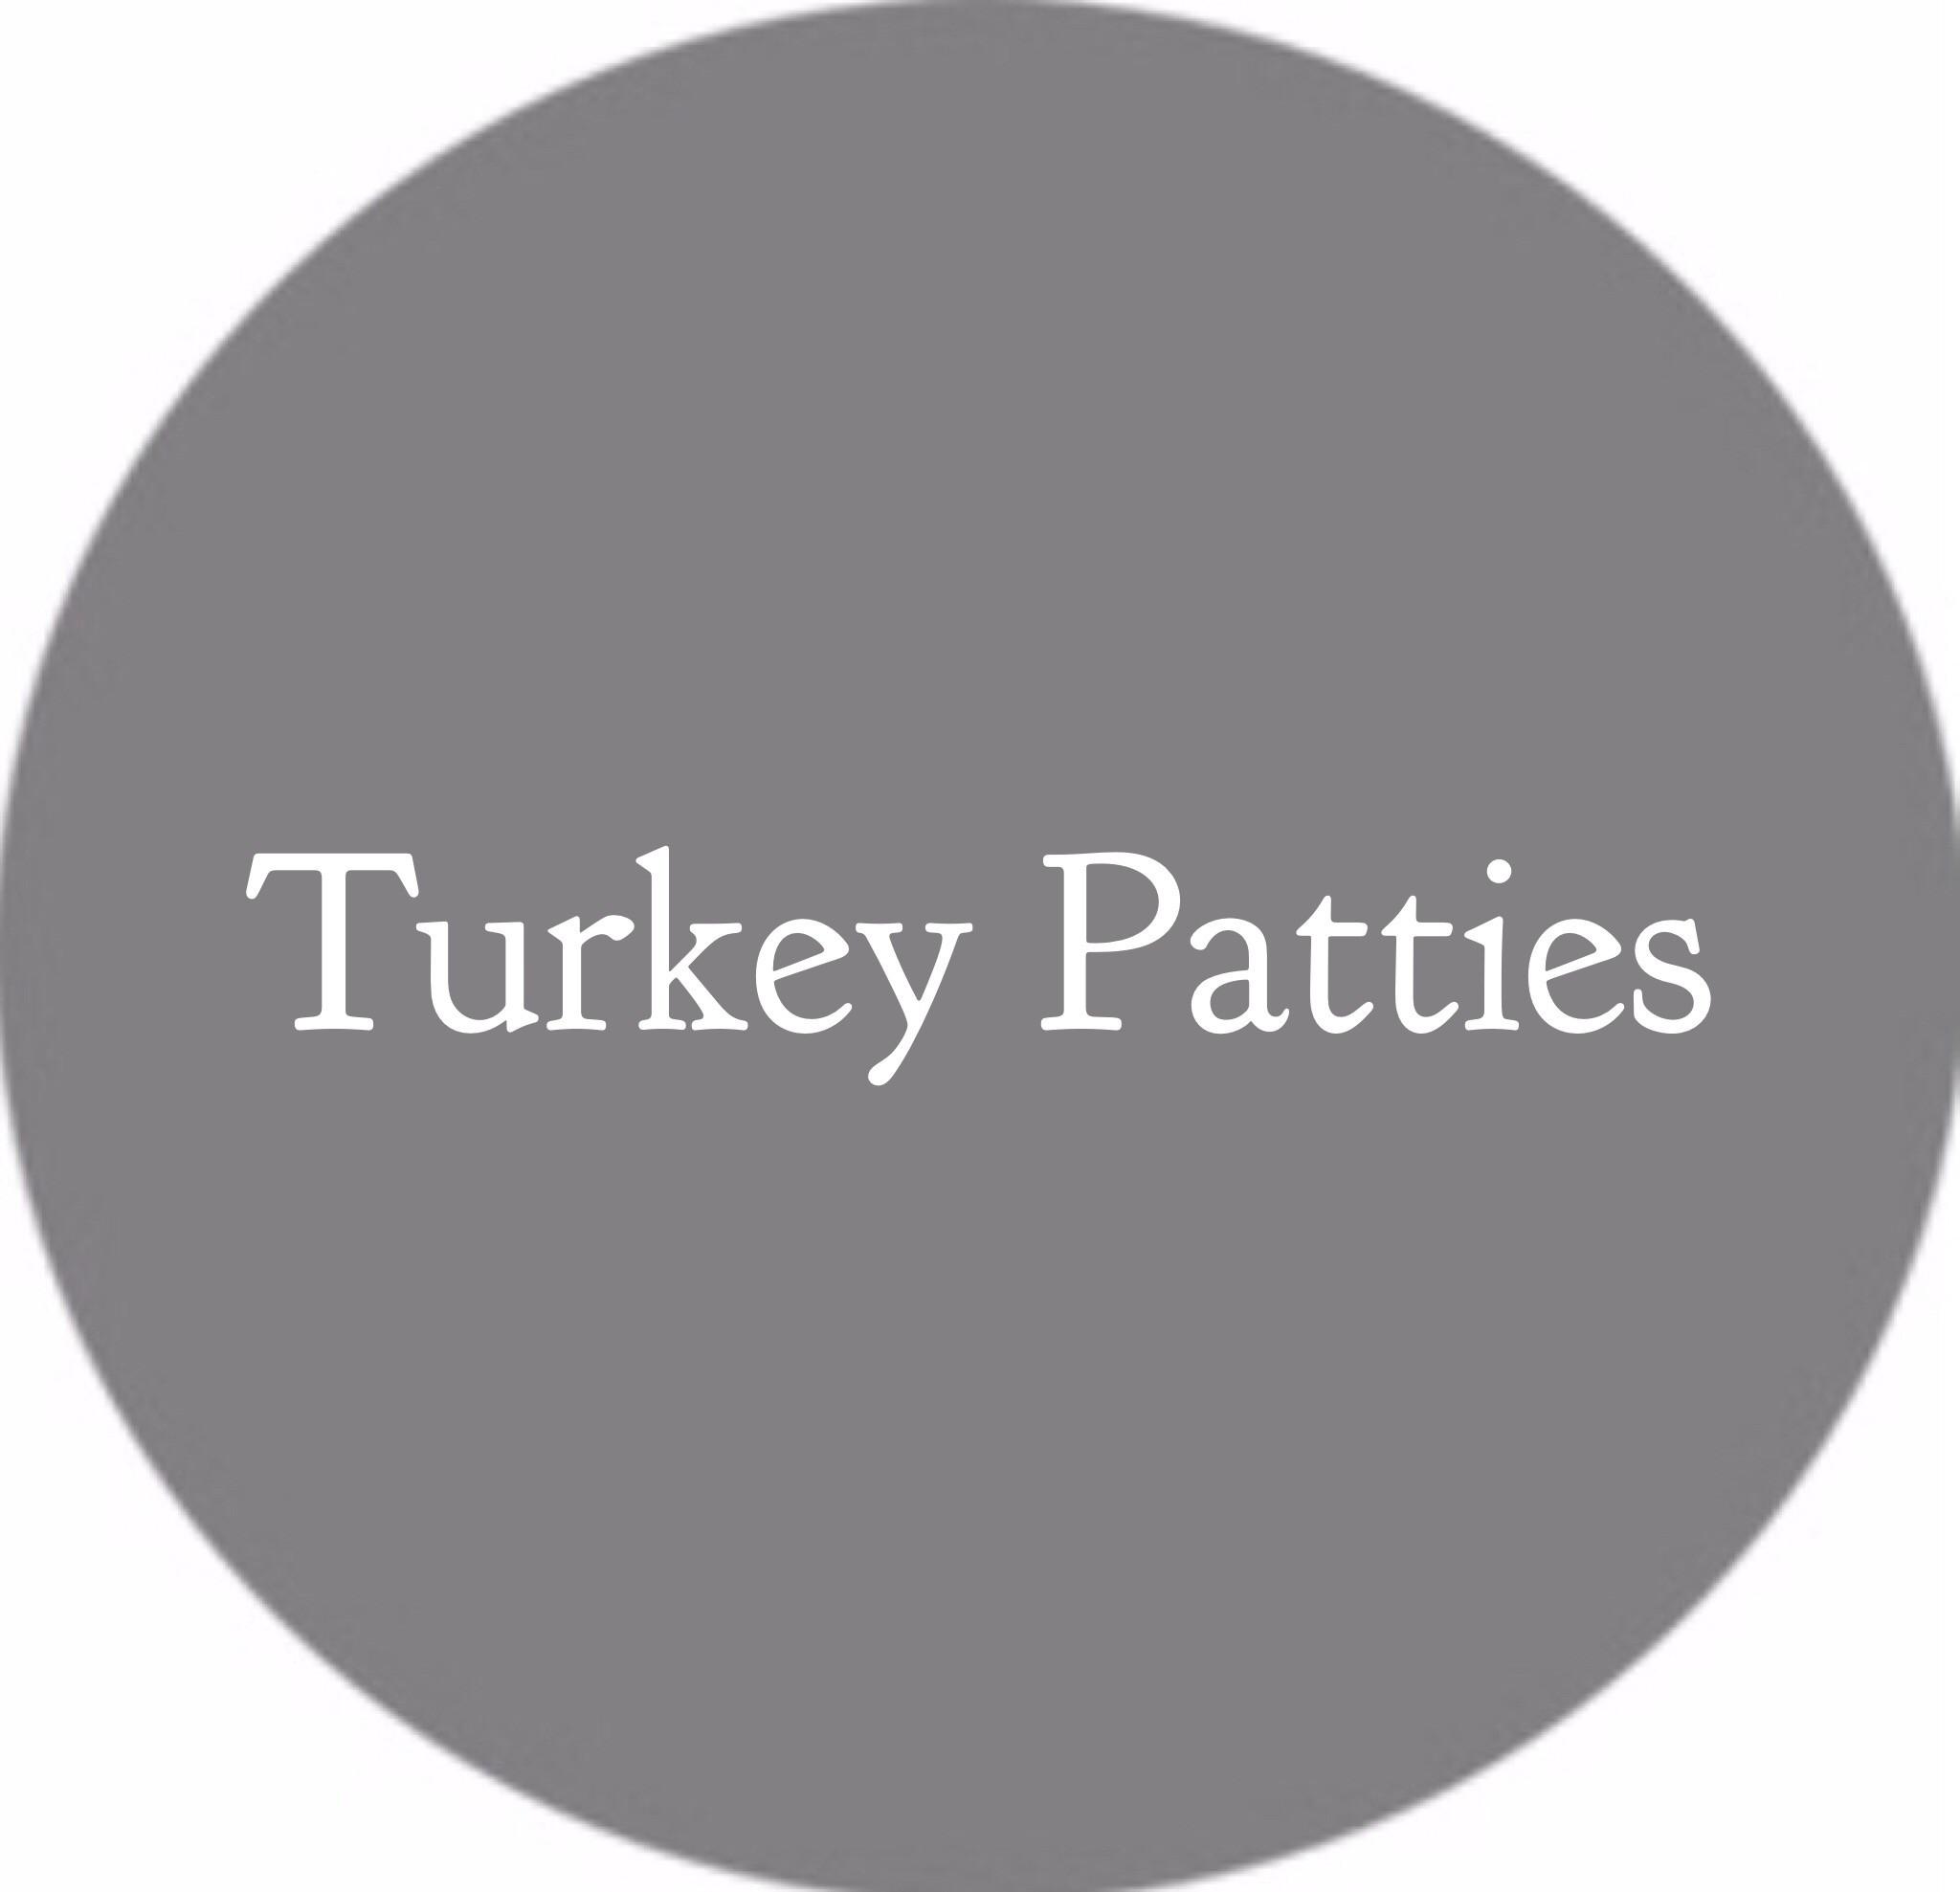 Turkey Patties